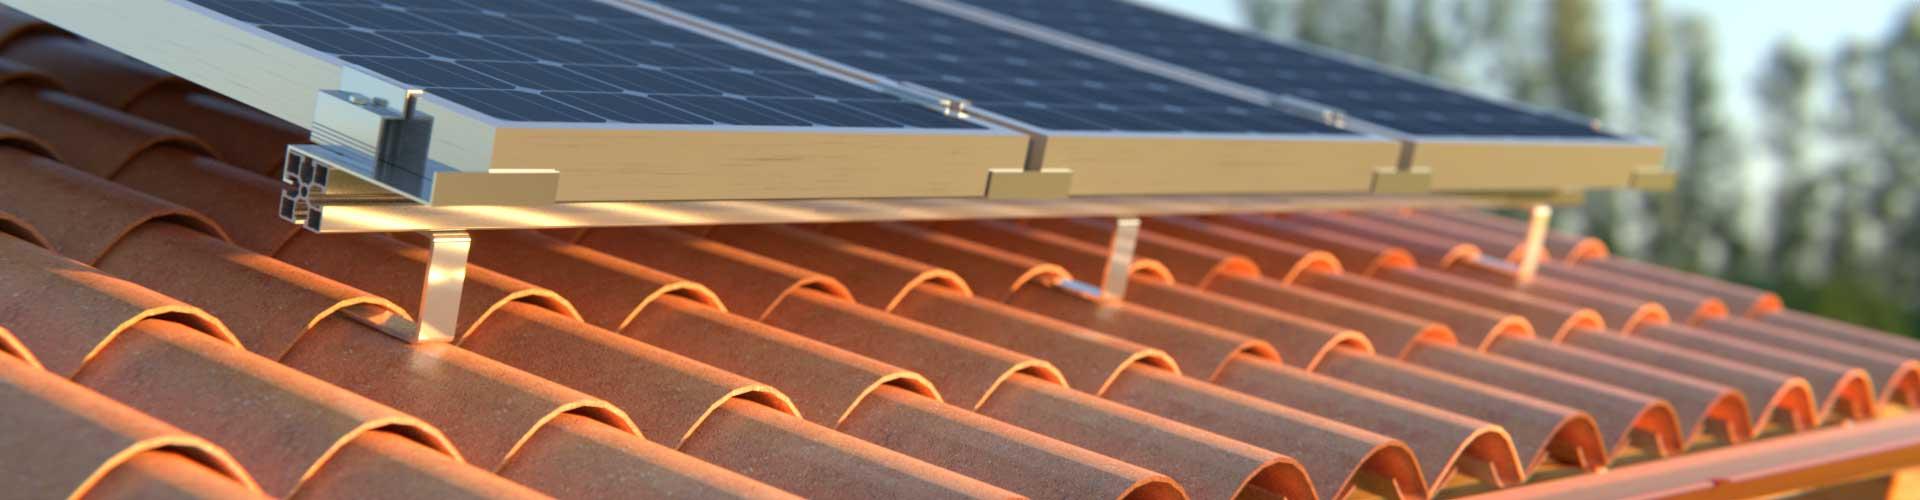 strutture_per_fotovoltaico_2